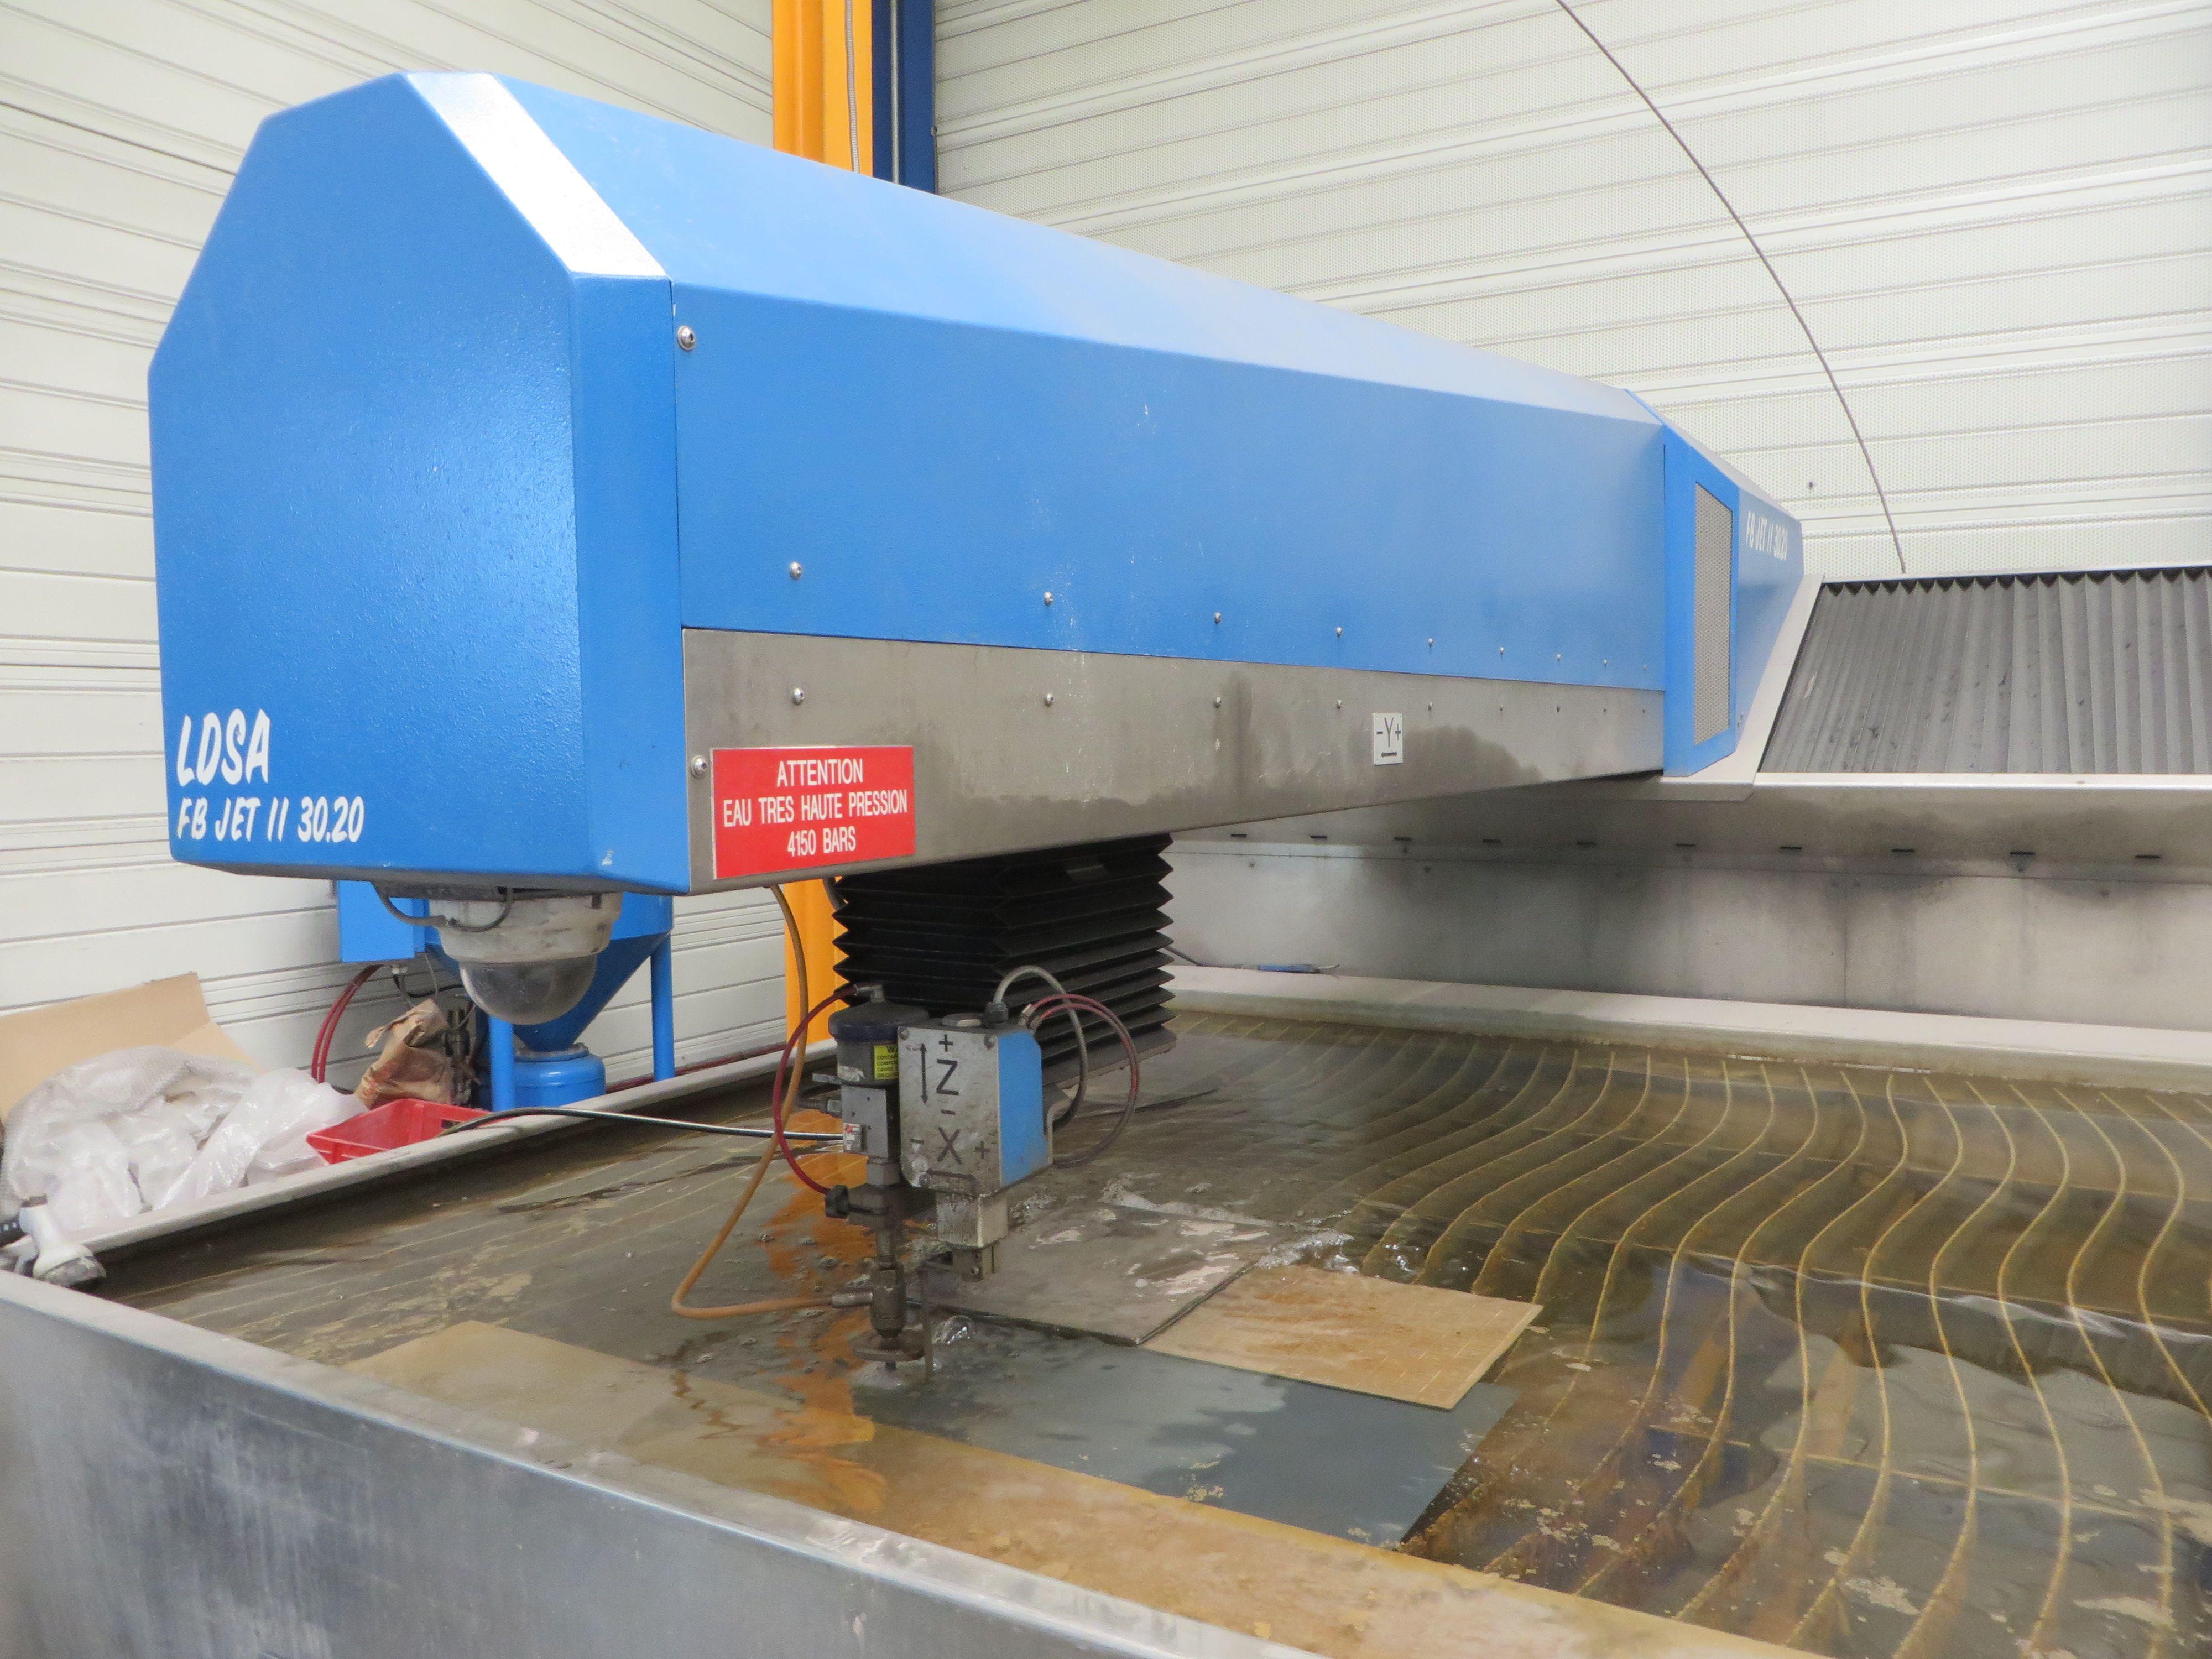 Waterjet cutting LDSA FBJE 30 30 - 1T / Working area : 3000